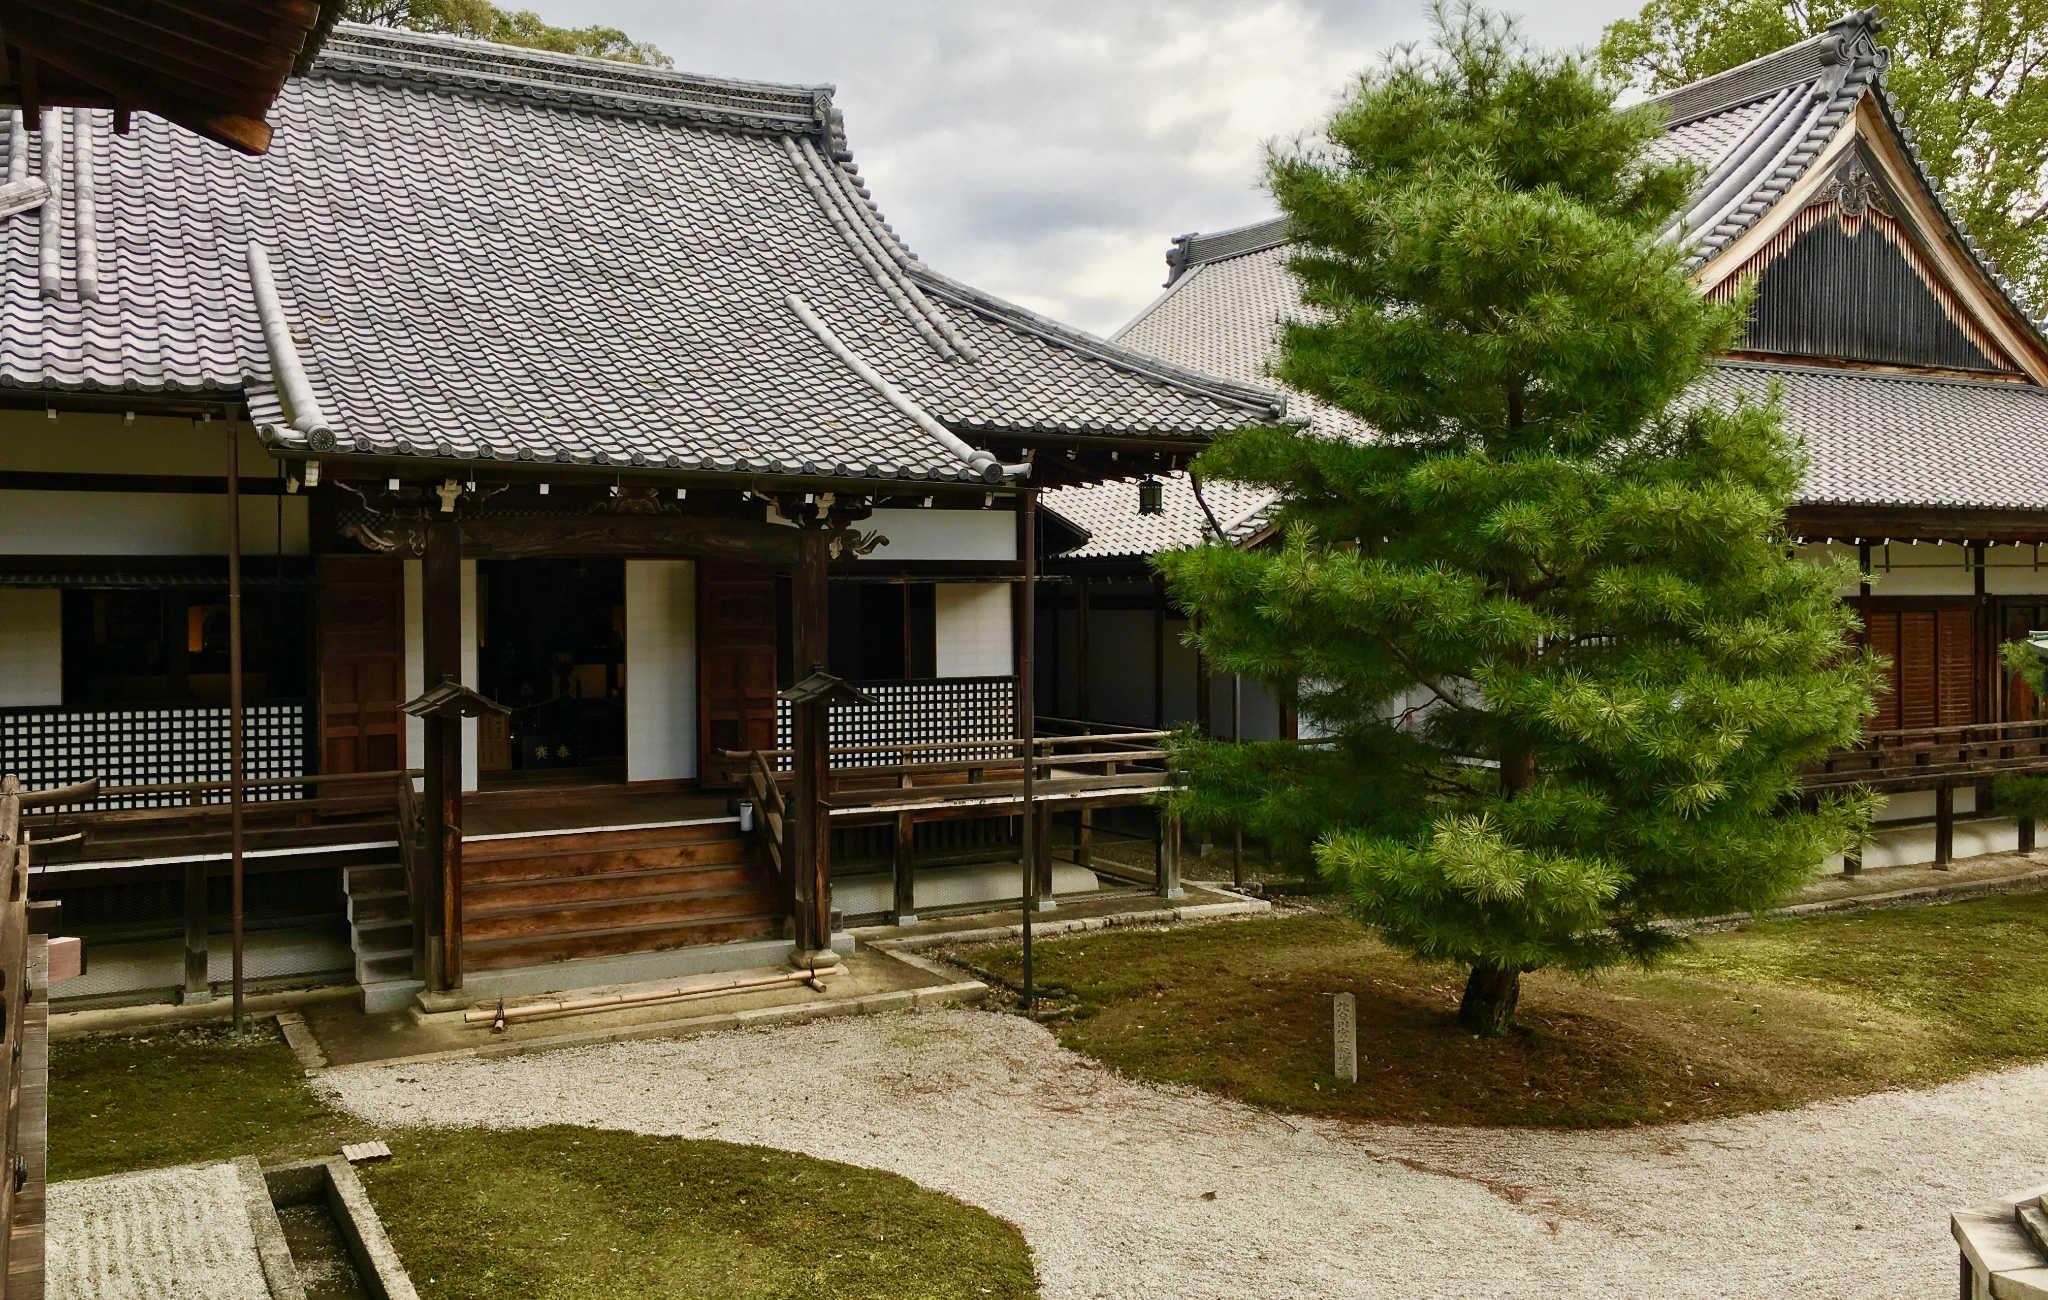 Le temple est constitué de nombreux bâtiments, entre lesquels se trouvent de petits jardins et de magnifiques pins